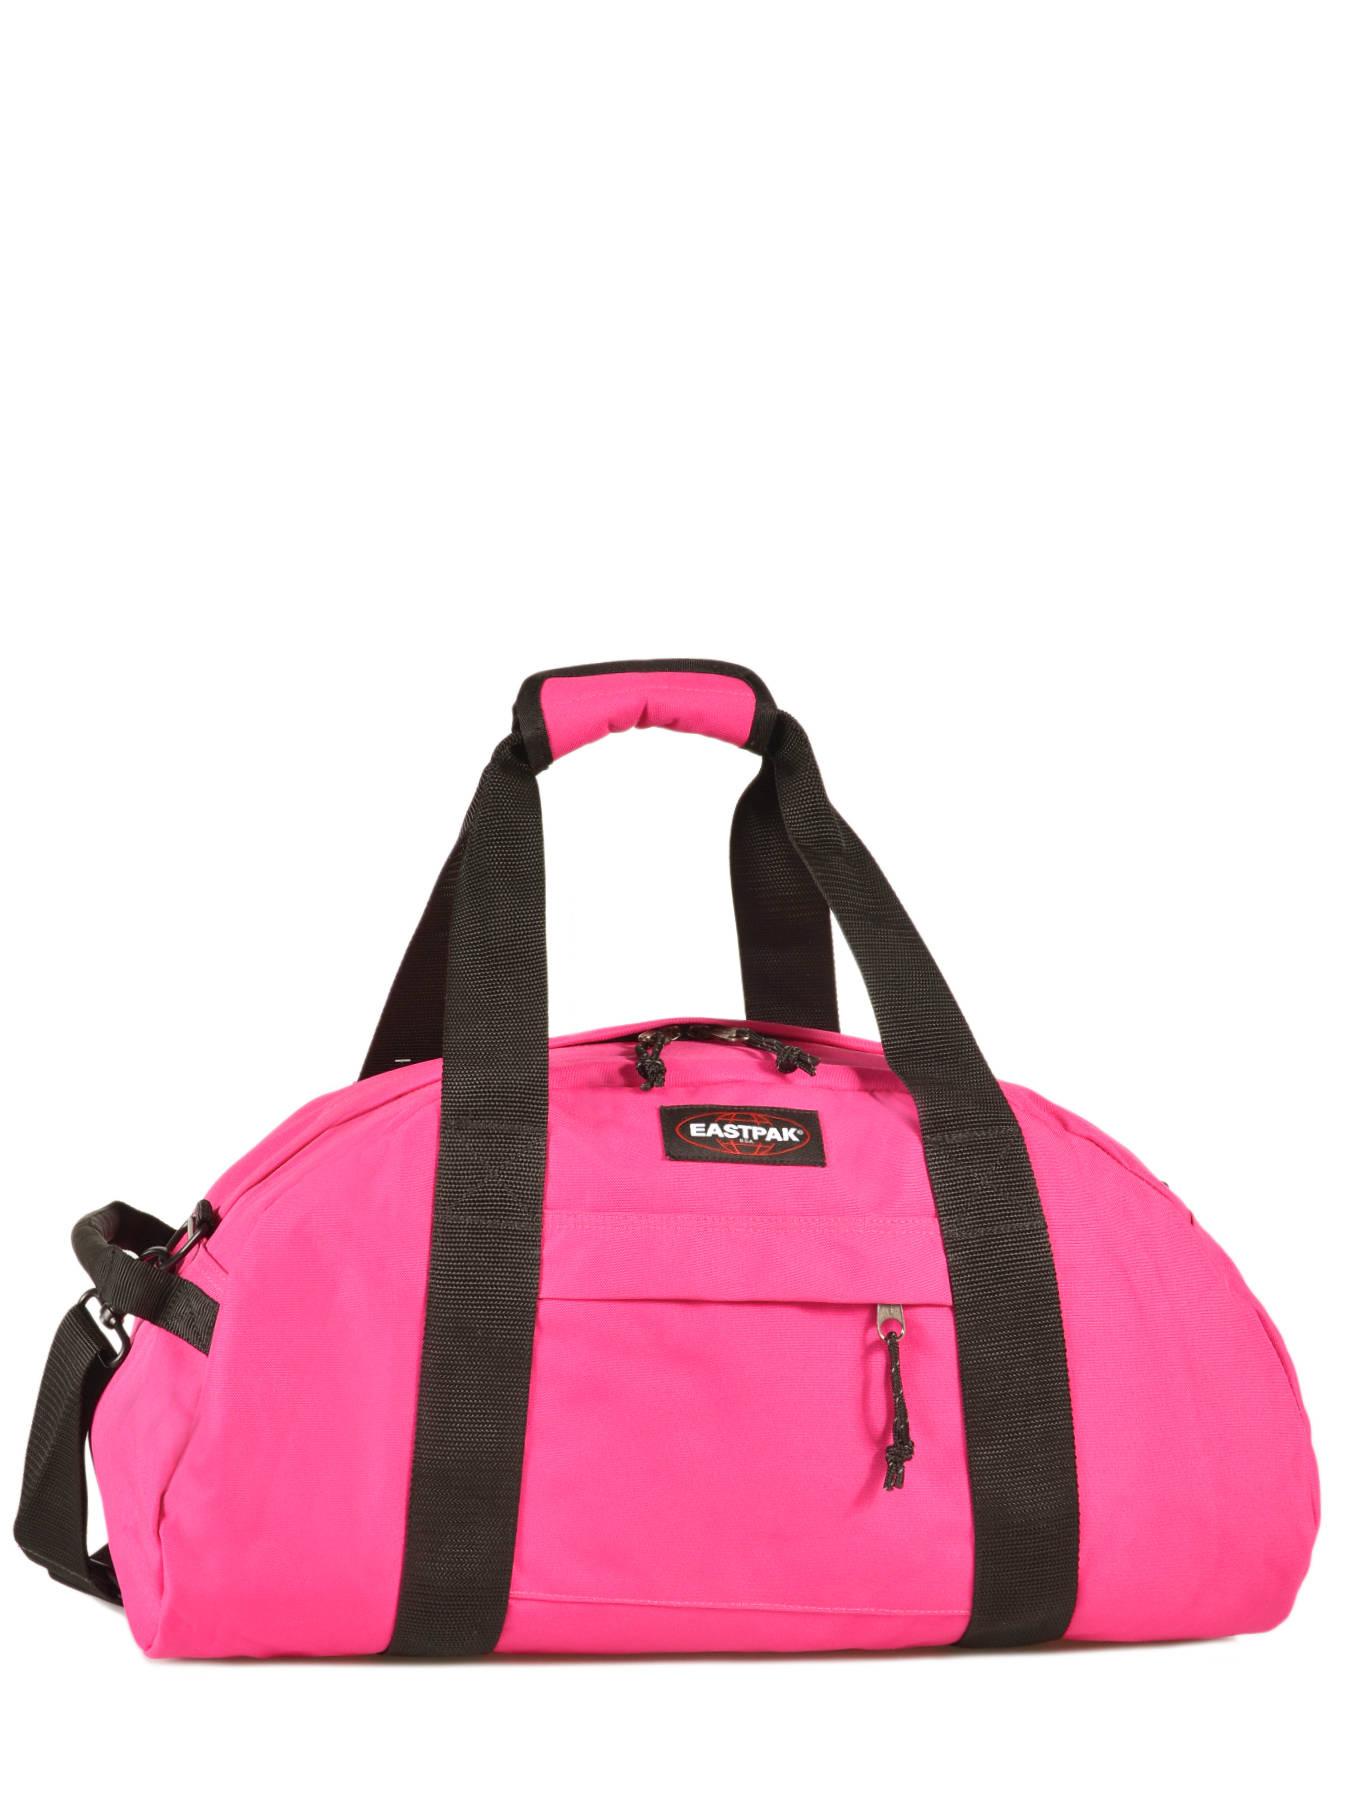 sac de voyage eastpak pbg authentic luggage soft lips en vente au meilleur prix. Black Bedroom Furniture Sets. Home Design Ideas